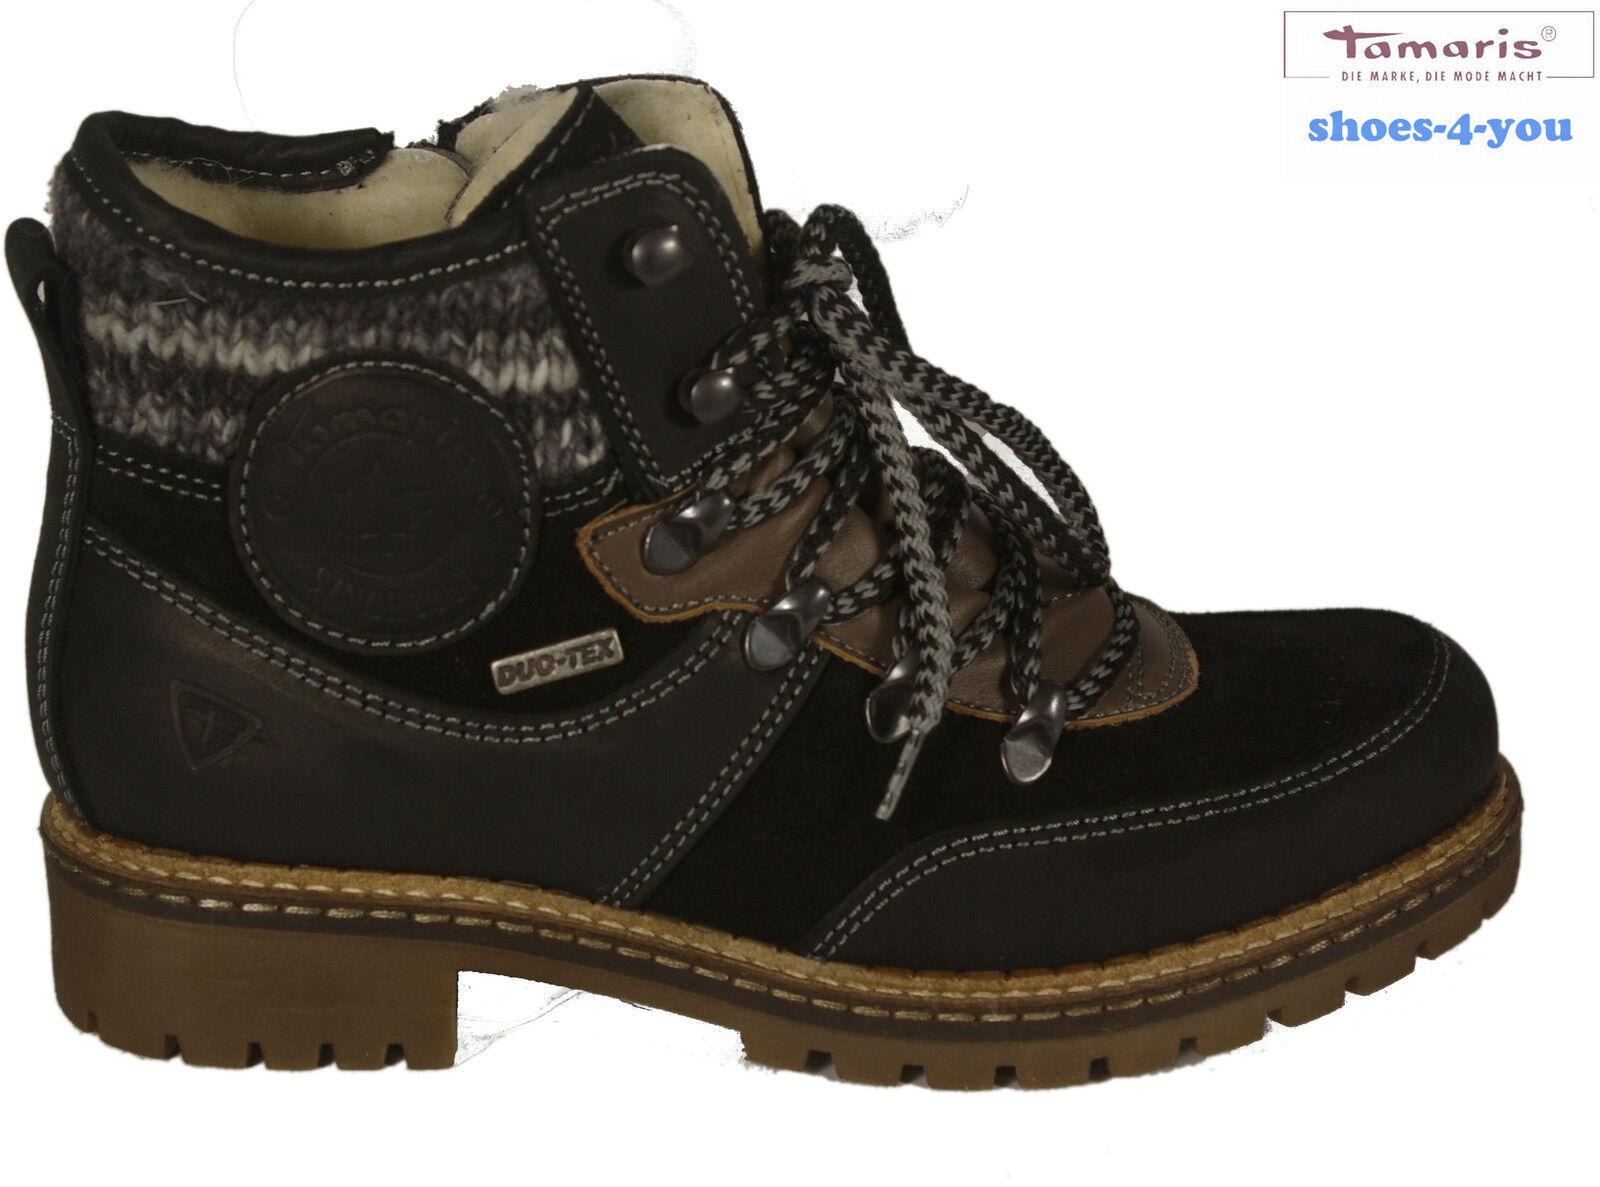 fe506c39019 Tamaris zapatos ata botín botines cuero genuino negro nuevo 9ab880 ...